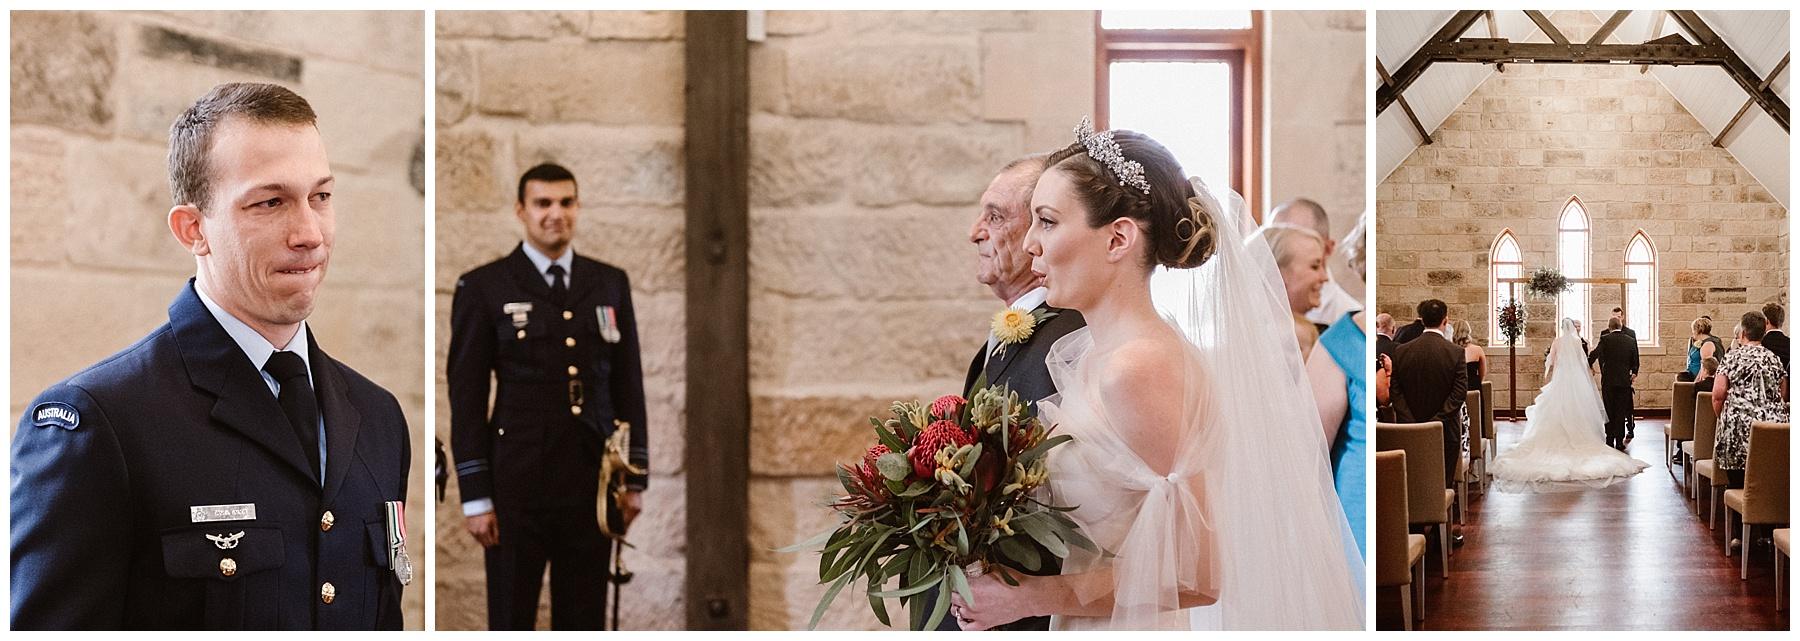 Chateau Elan Wedding_0198.jpg